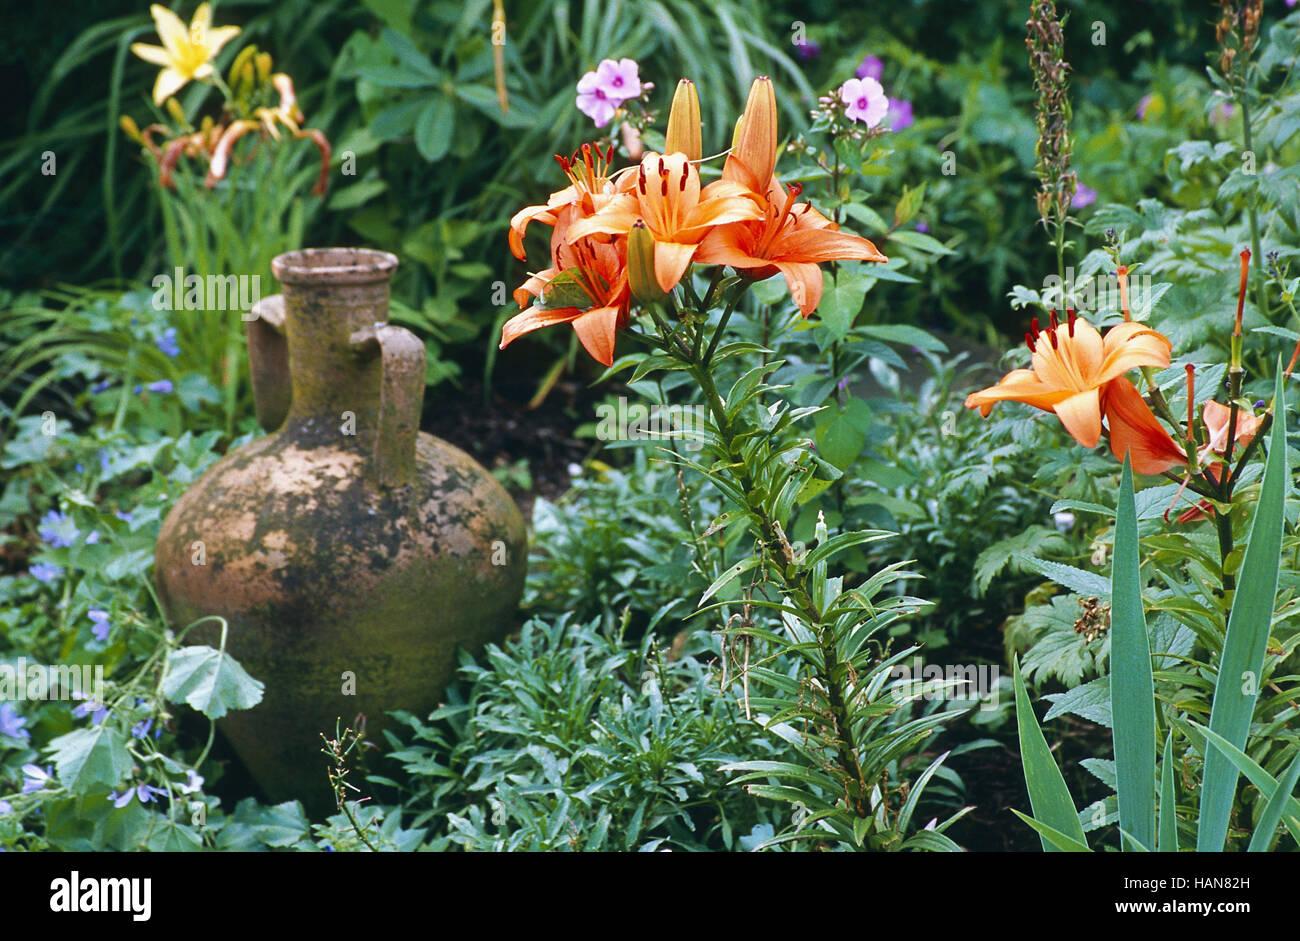 Gardenimpression Imagen De Stock